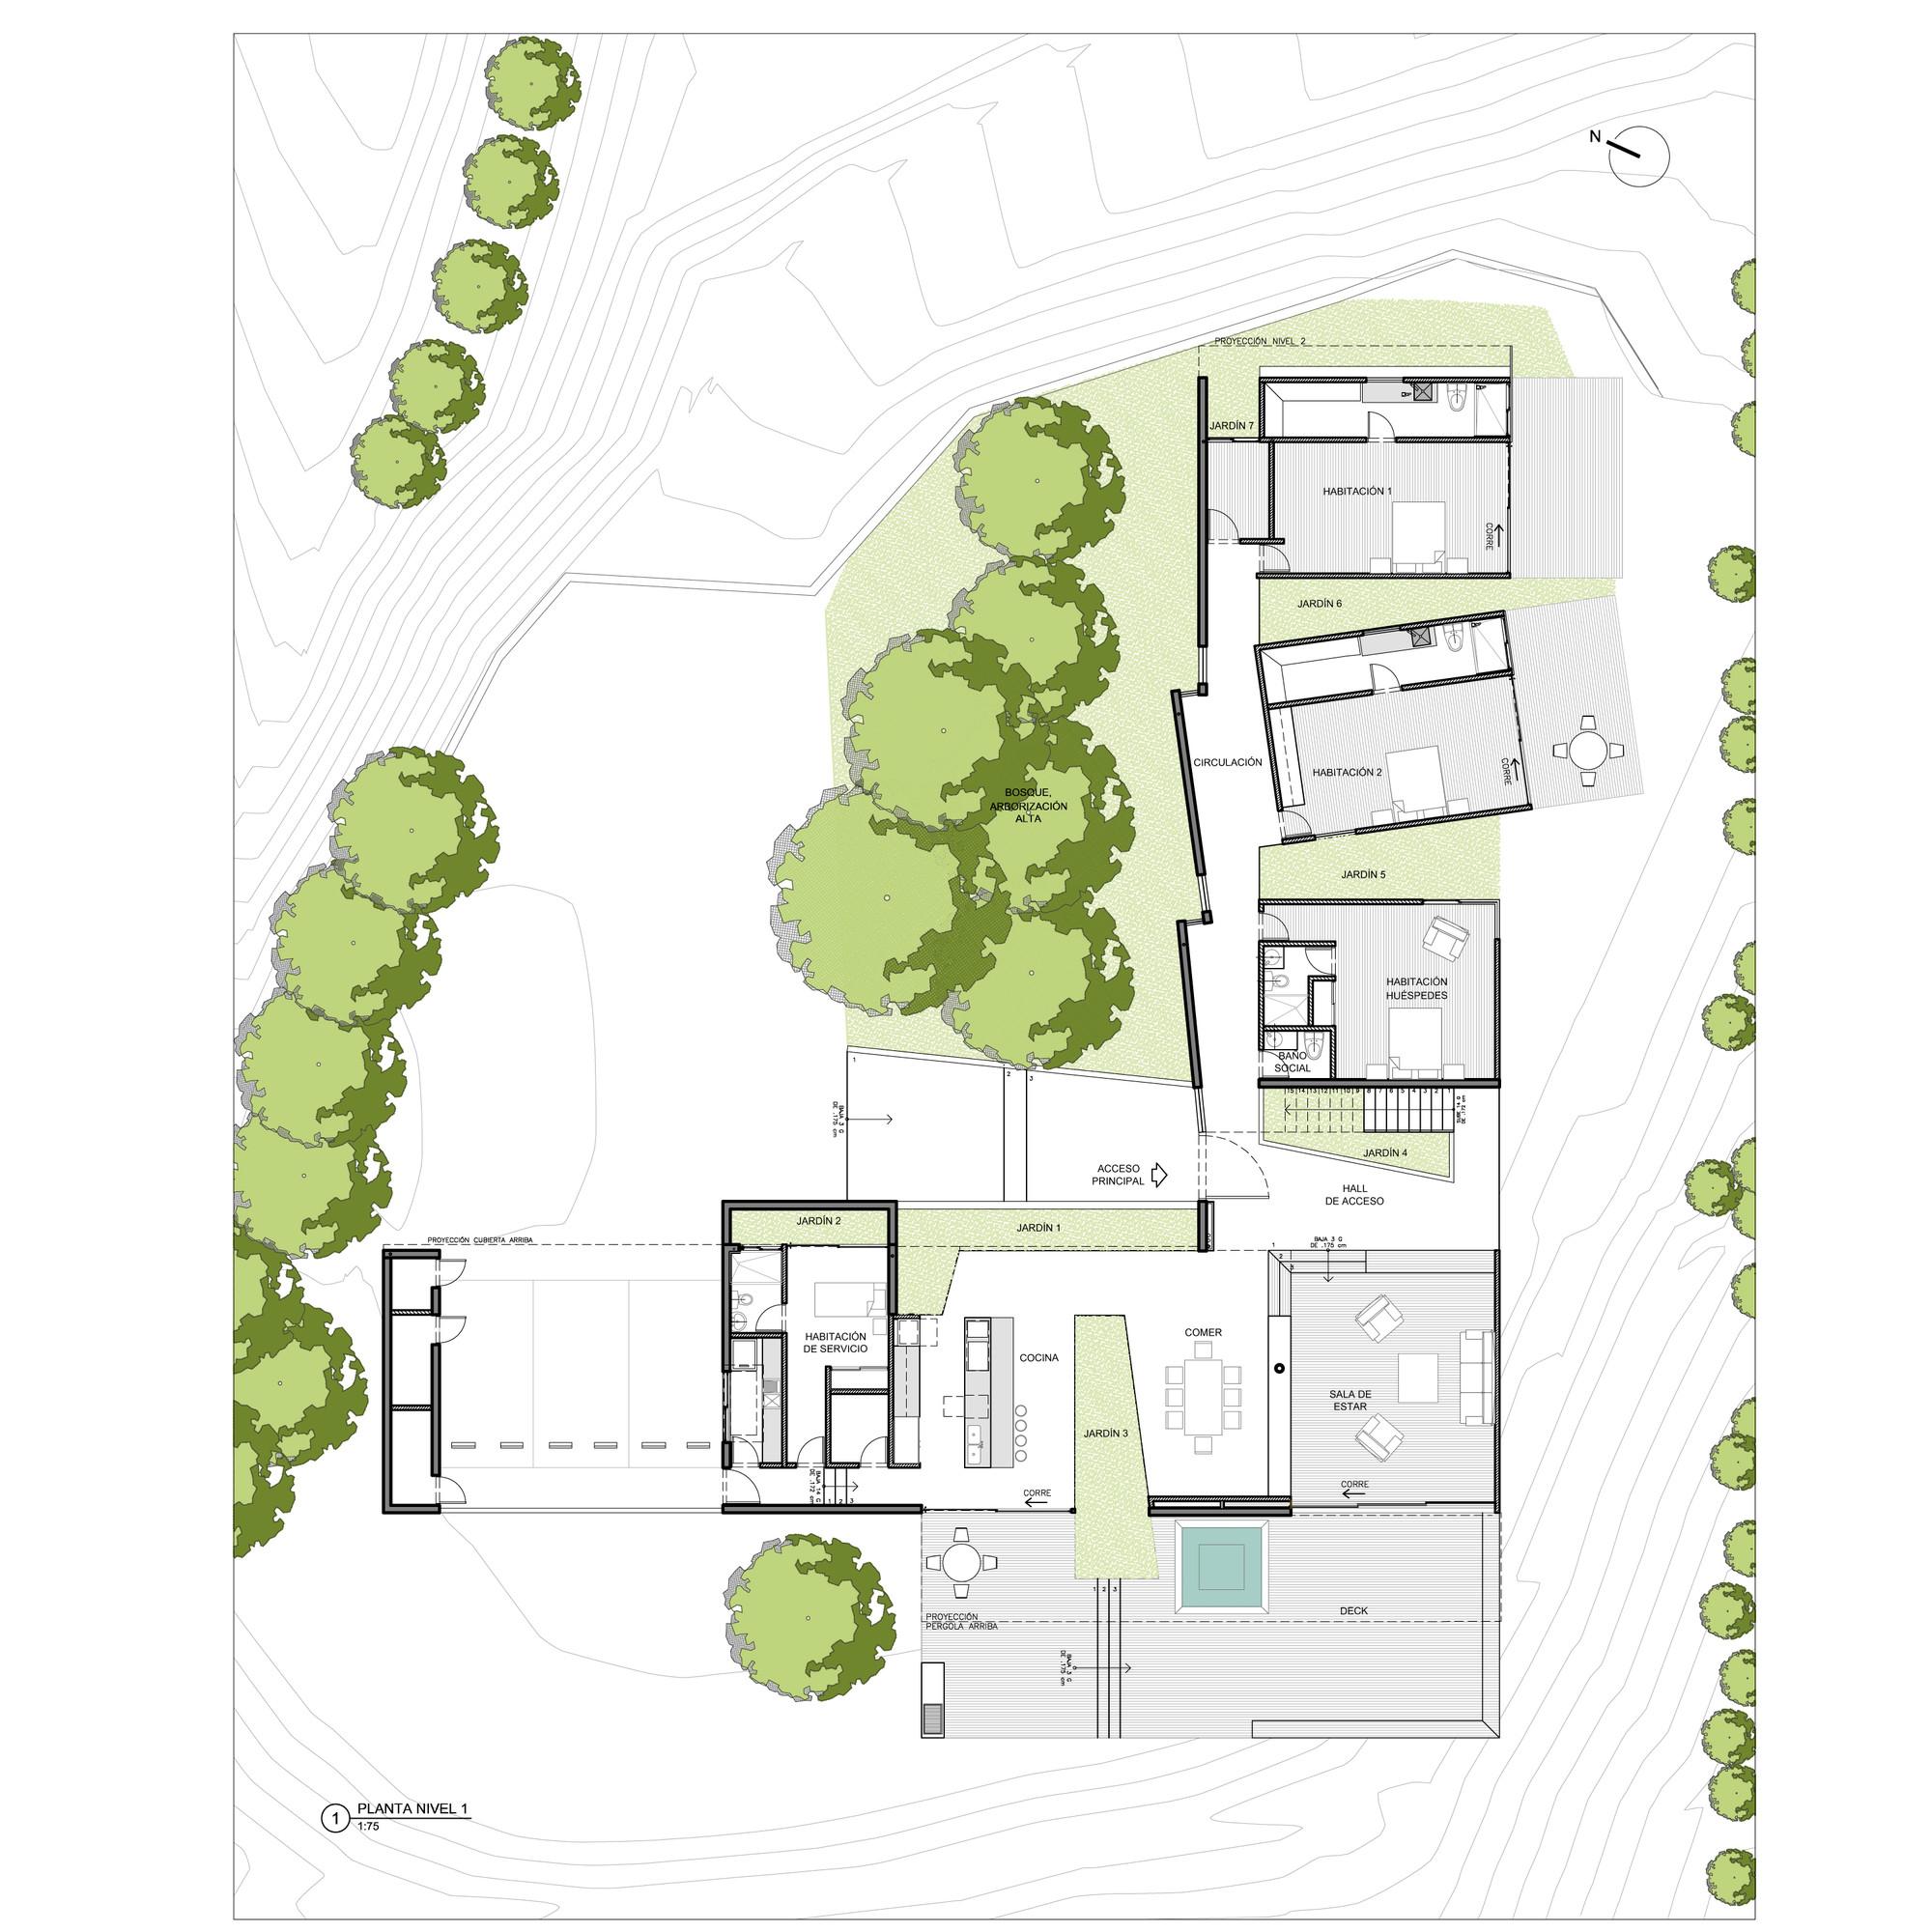 Galeria de casa entre jardins planta baja estudio de - Casas de planta baja ...